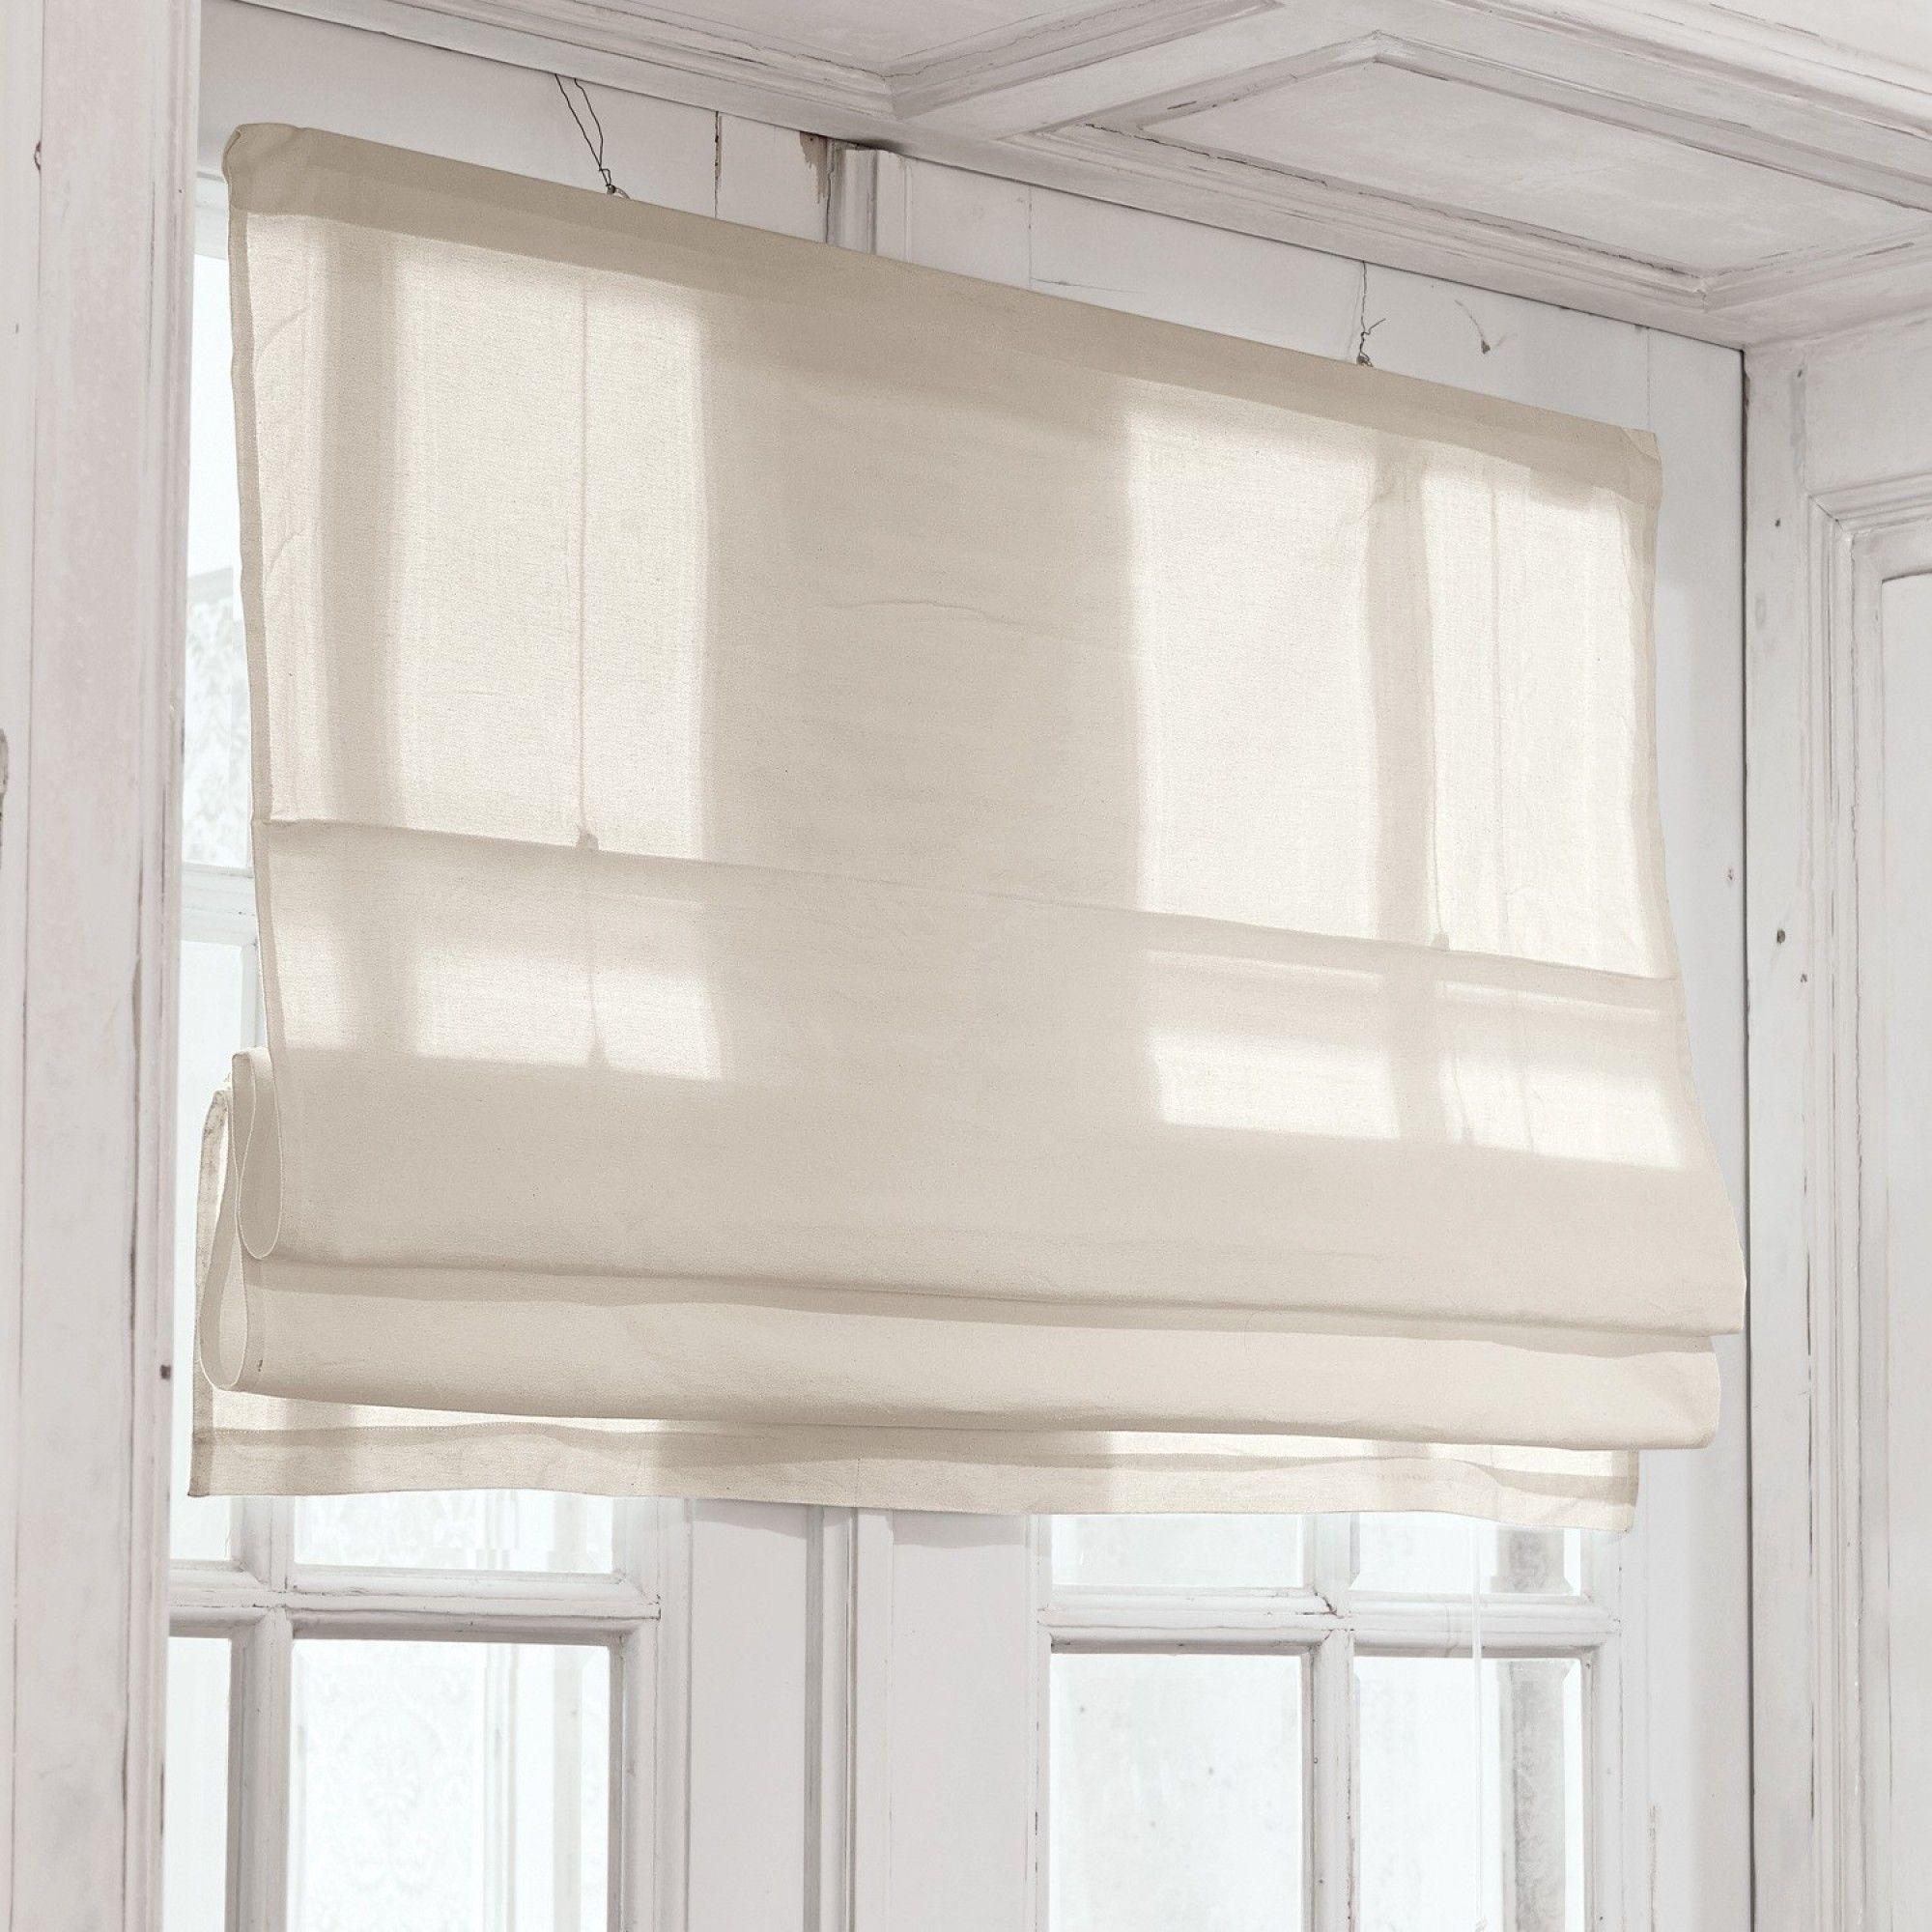 Full Size of Fensterdekoration Küche Faltrollo Fides Loberon Coming Home Fenster Dekor Mischbatterie Schwingtür Wandtatoo Sideboard Mit Arbeitsplatte Ikea Kosten Geräten Wohnzimmer Fensterdekoration Küche